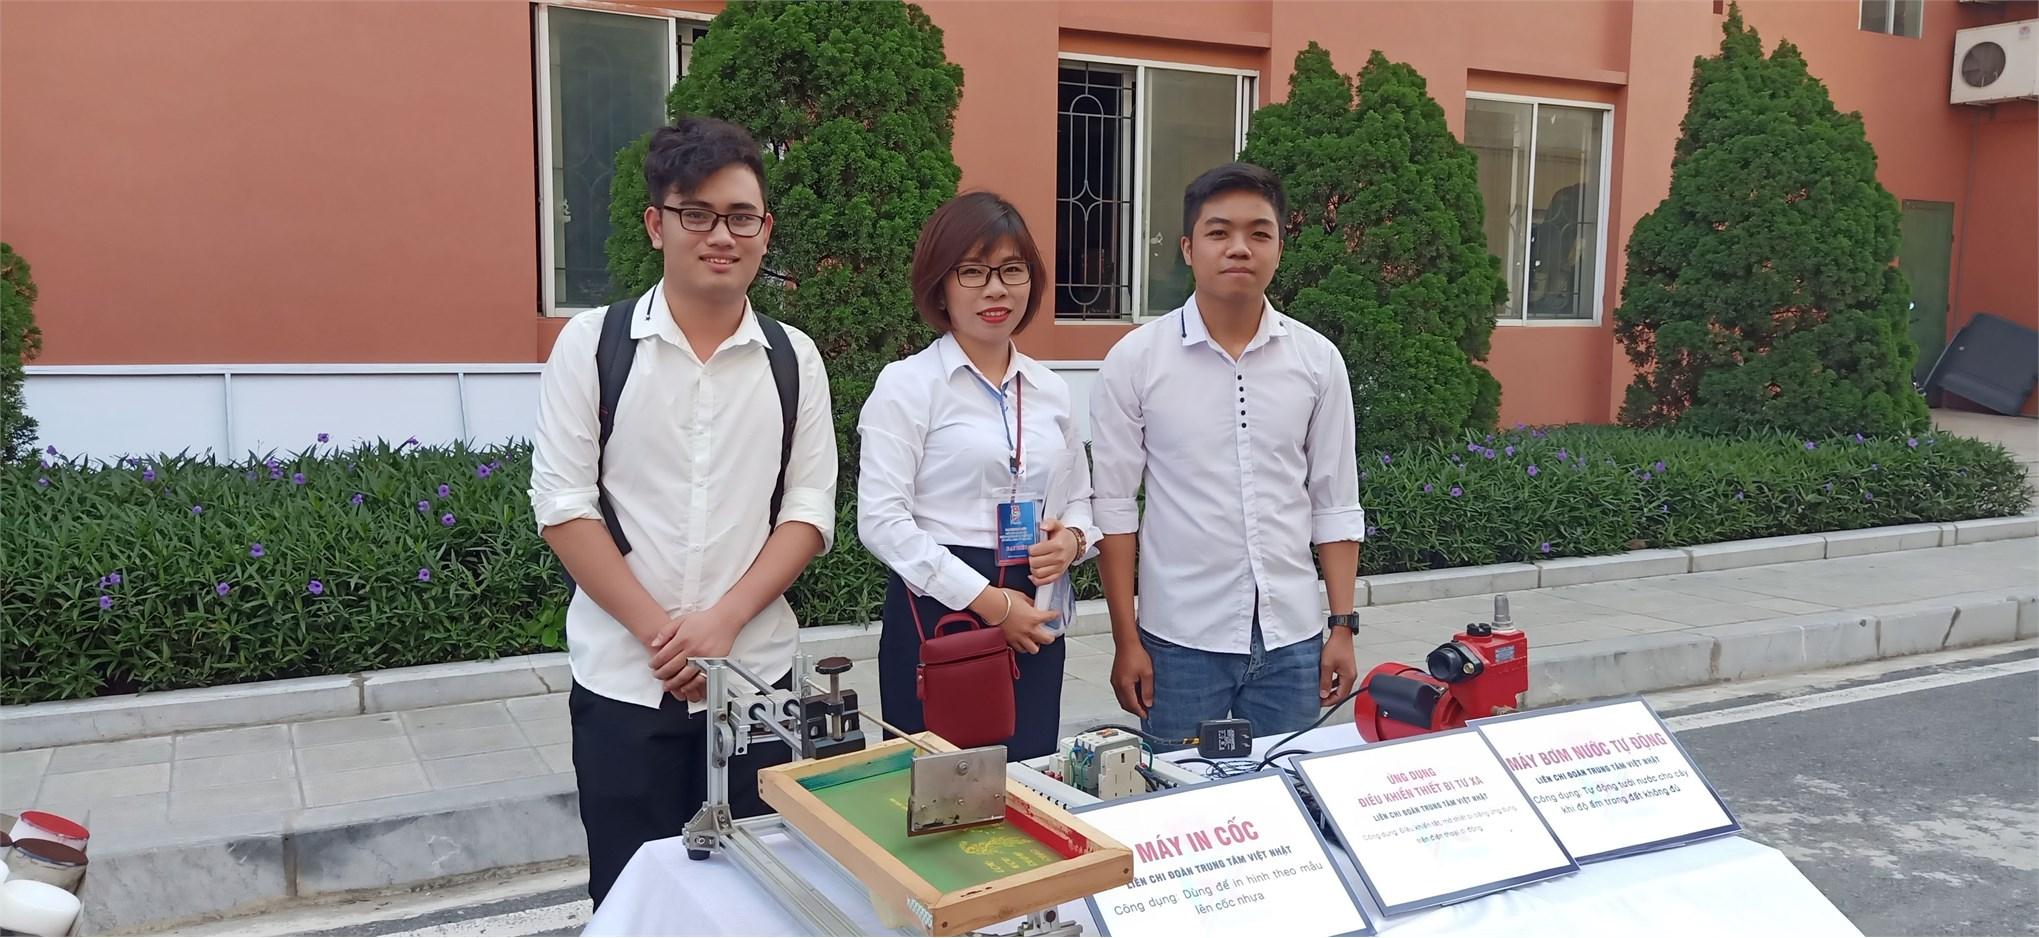 Đoàn đại biểu Liên chi đoàn Trung tâm Việt Nhật dự Đại hội đại biểu Đoàn TNCS Hồ Chí Minh trường Đại học Công nghiệp Hà Nội lần thứ IX, nhiệm kỳ 2019 – 2022